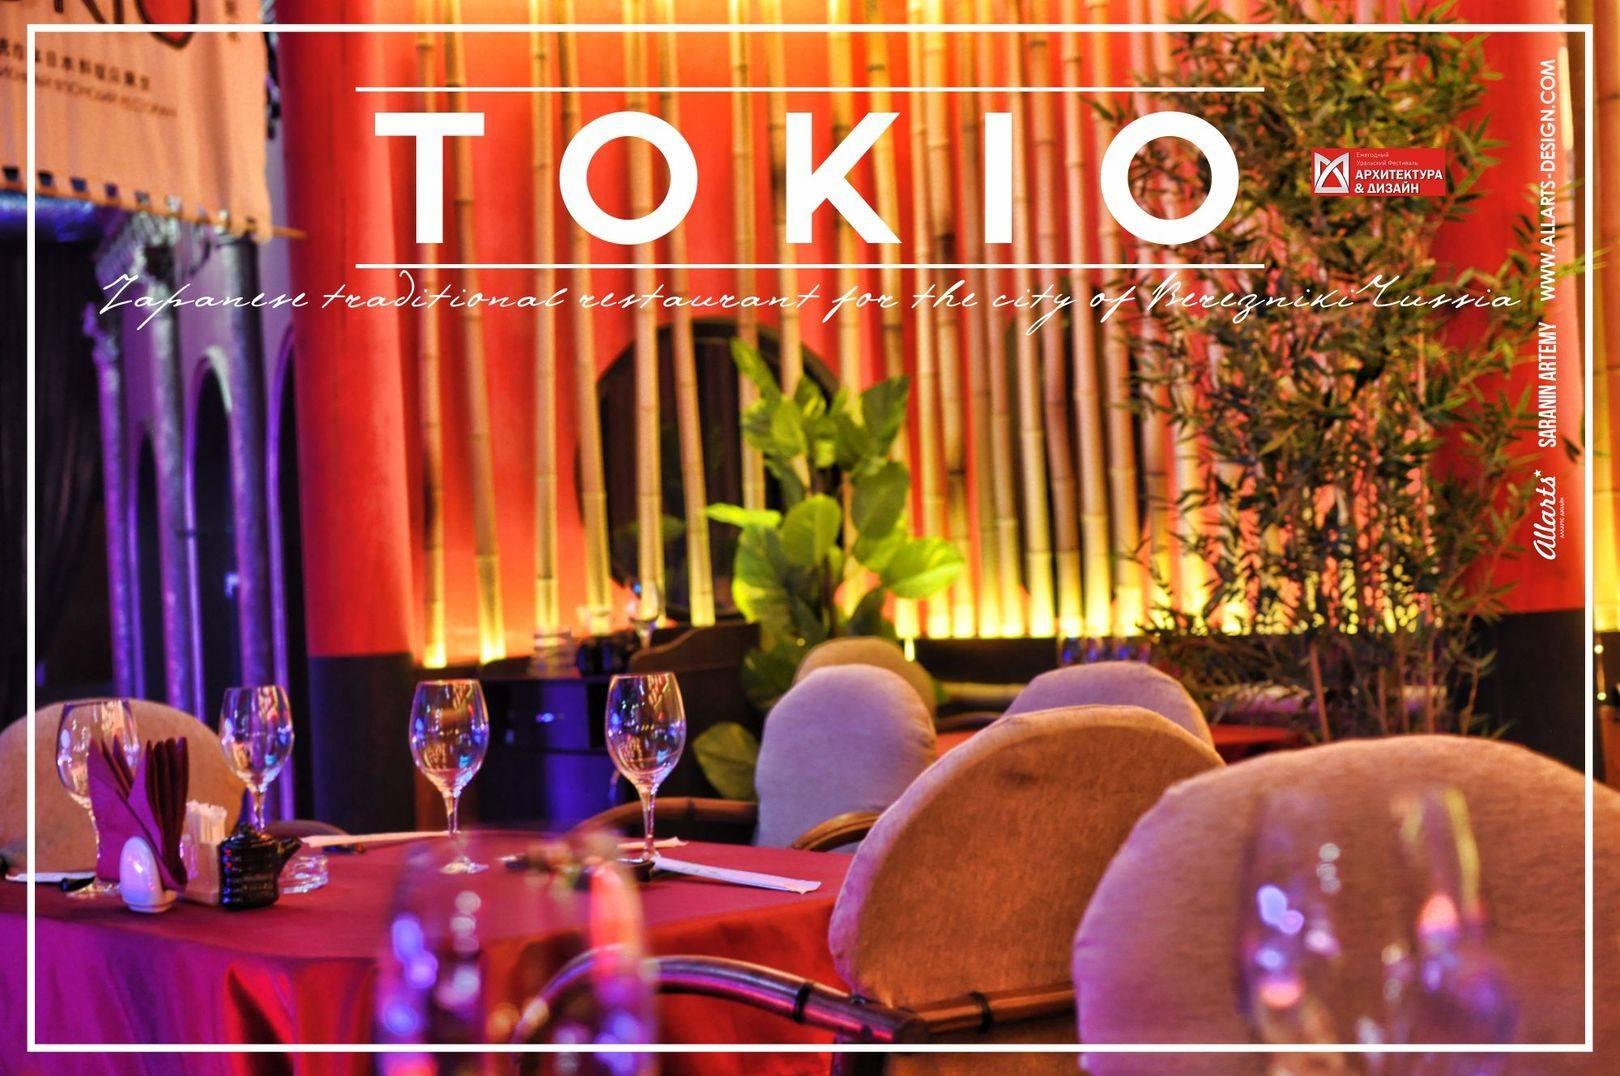 Дизайн интерьера кафе Tokio